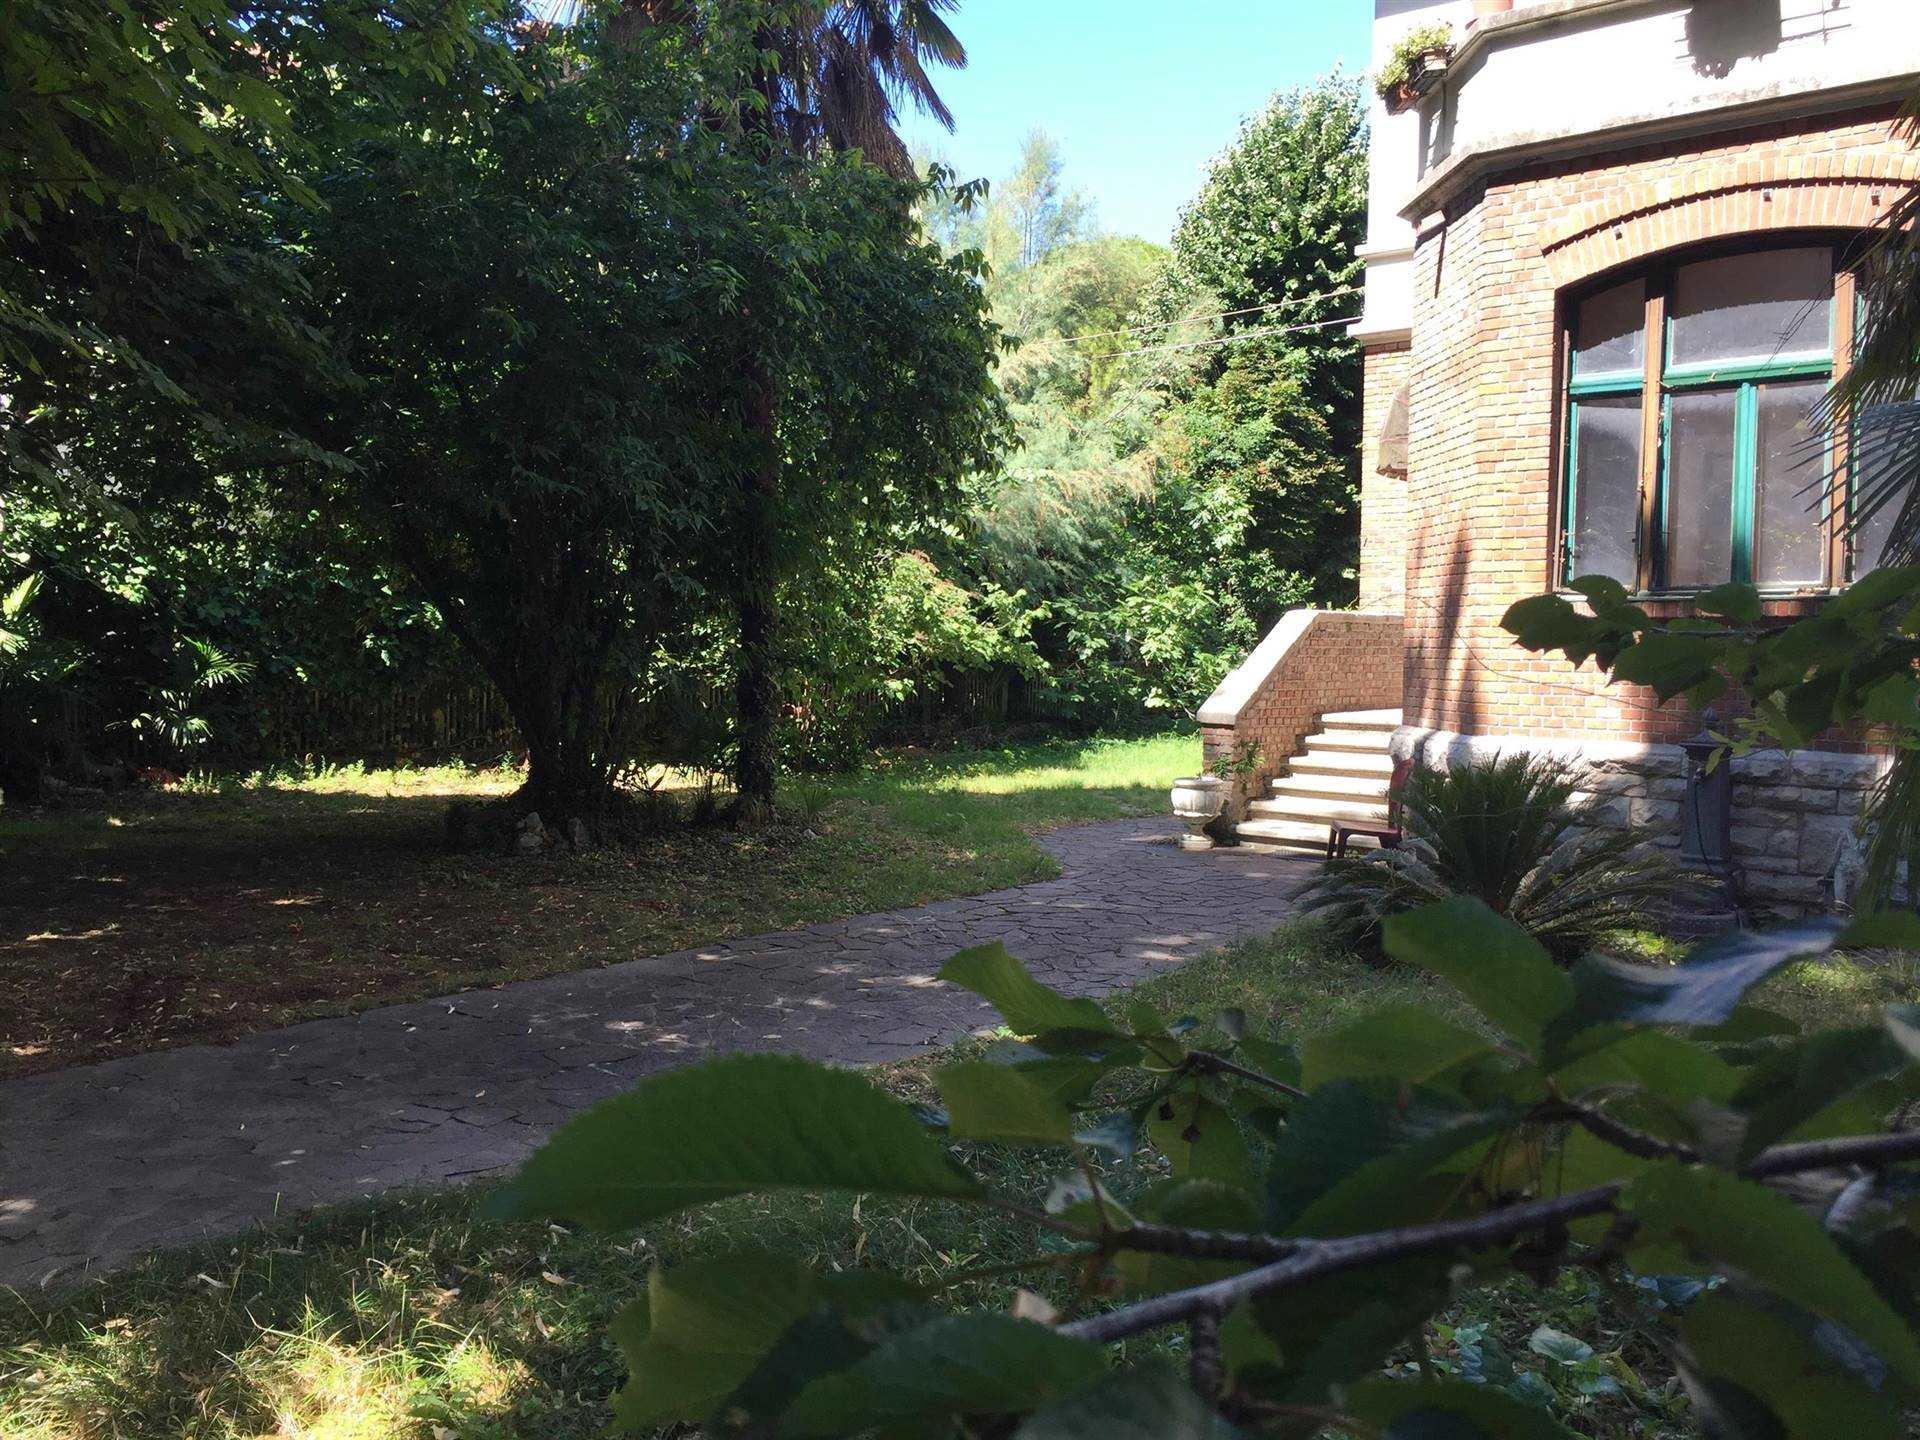 Appartamento in vendita a Monfalcone, 7 locali, zona Zona: Rocca, prezzo € 65.000 | CambioCasa.it